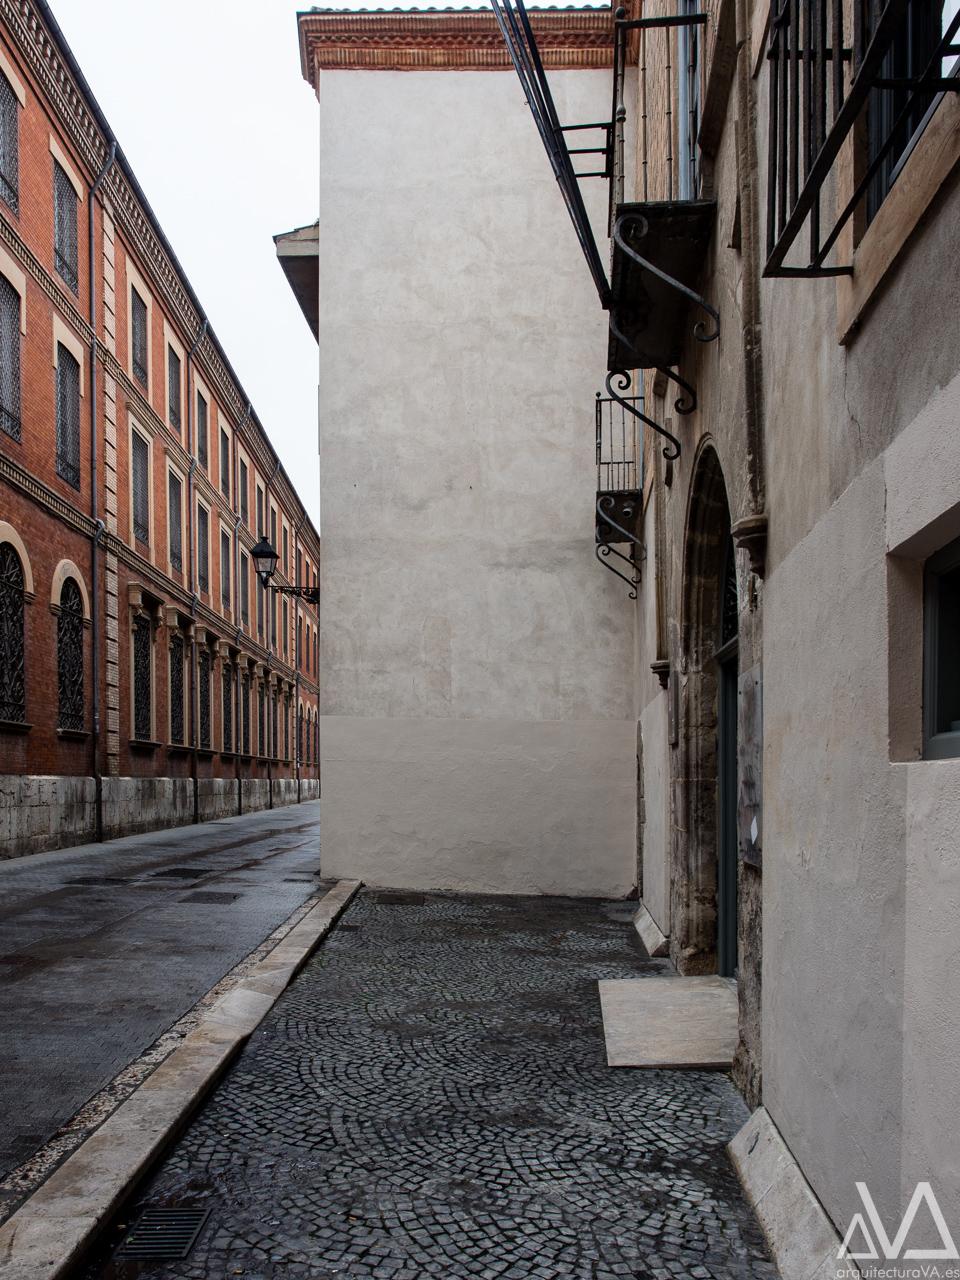 Esto es un plano de fachada intencionado © pedro ivan ramos martin | luz10.com